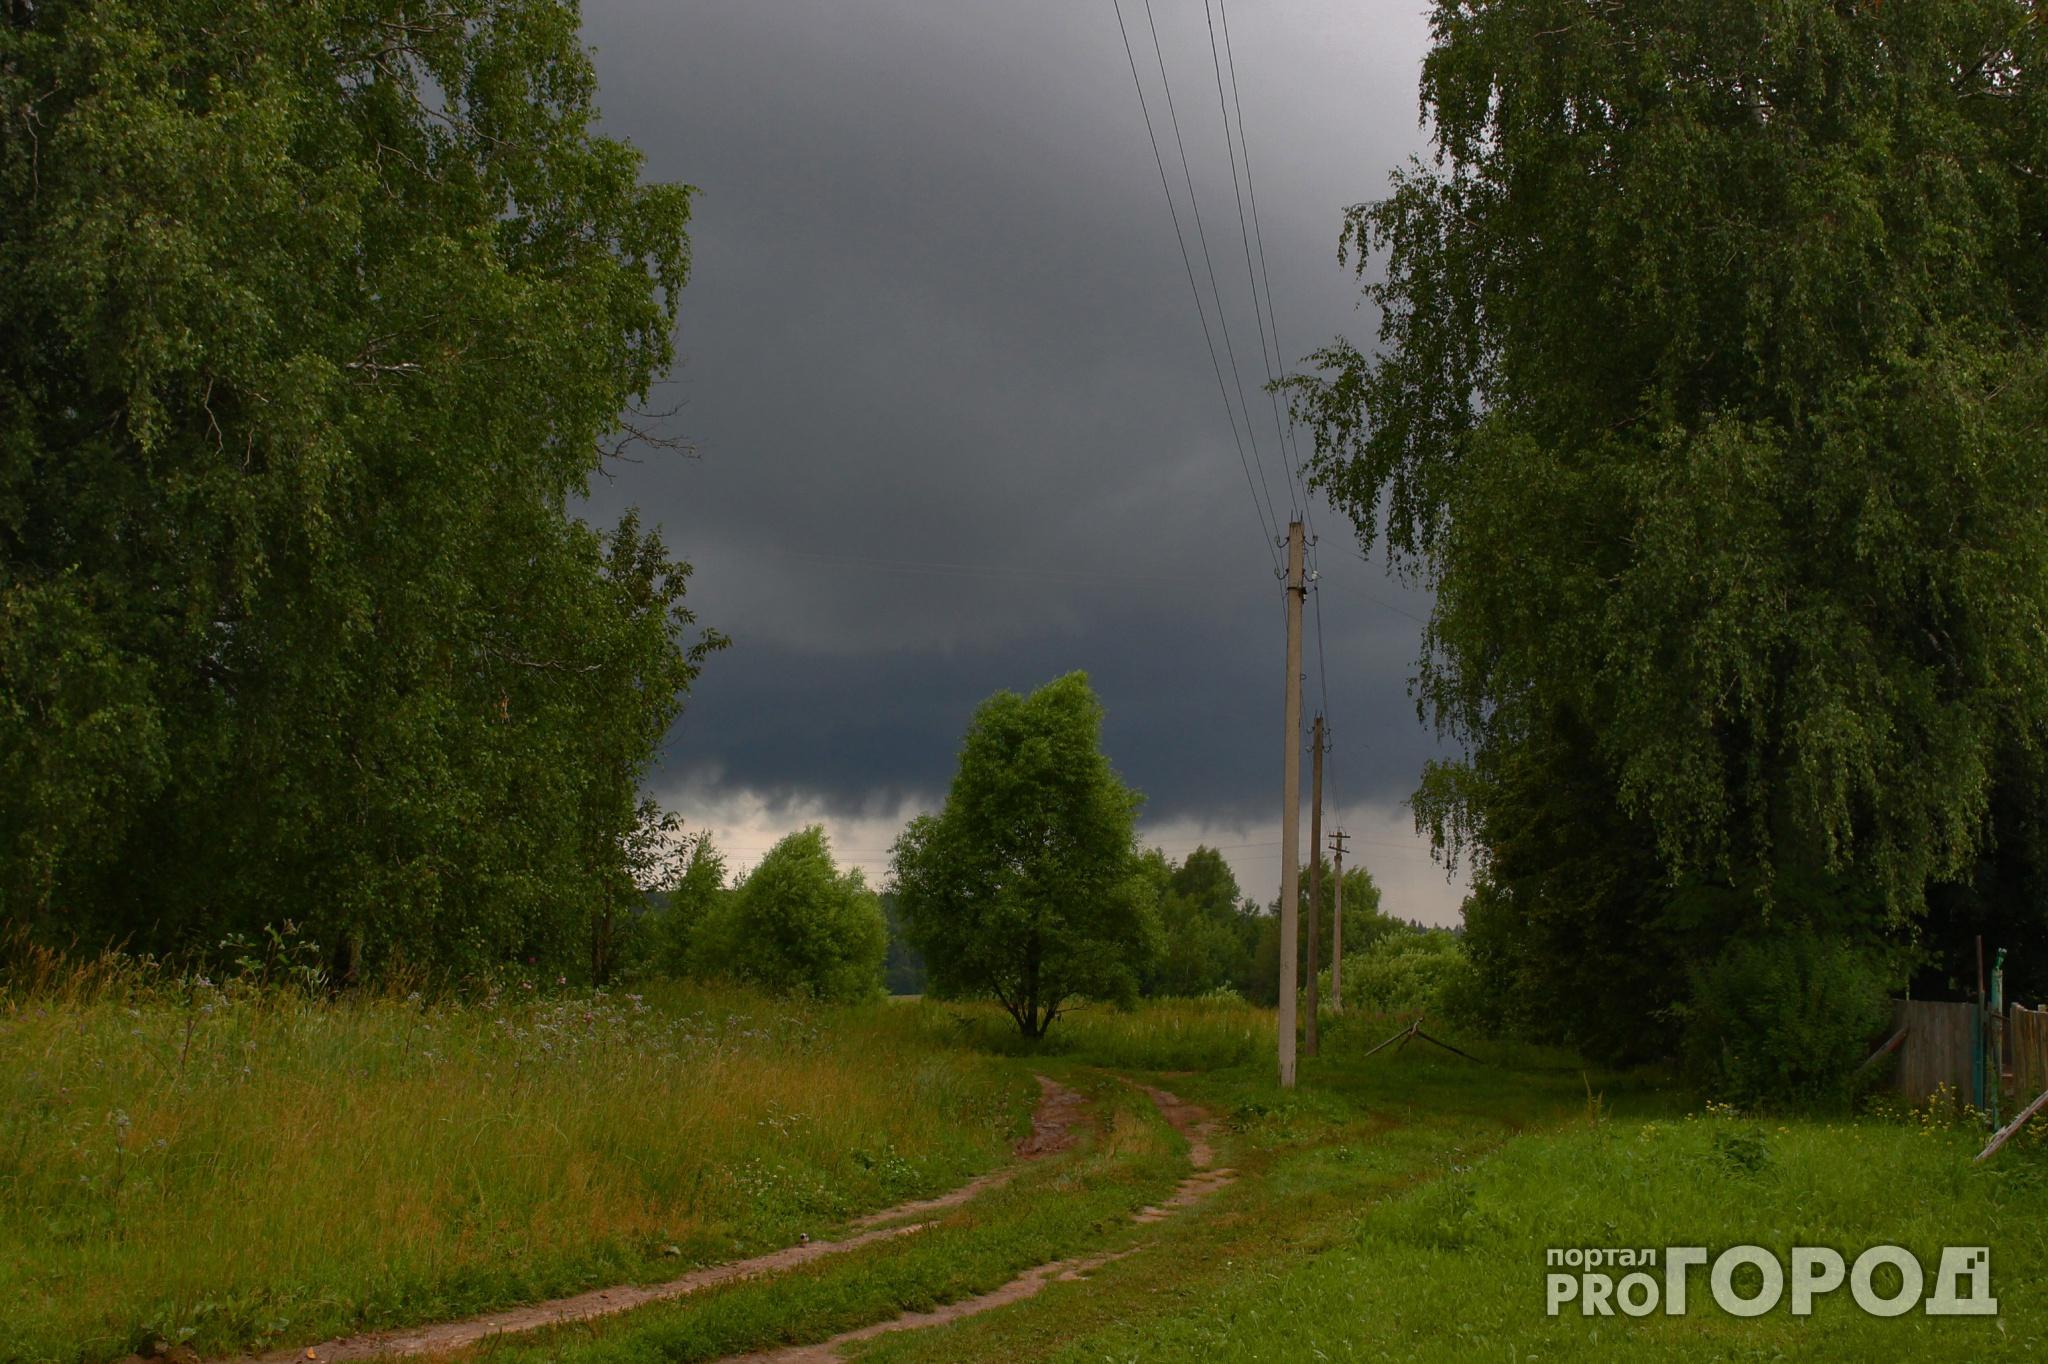 Прогноз погоды: какими будут первые летние выходные в Чепецке?